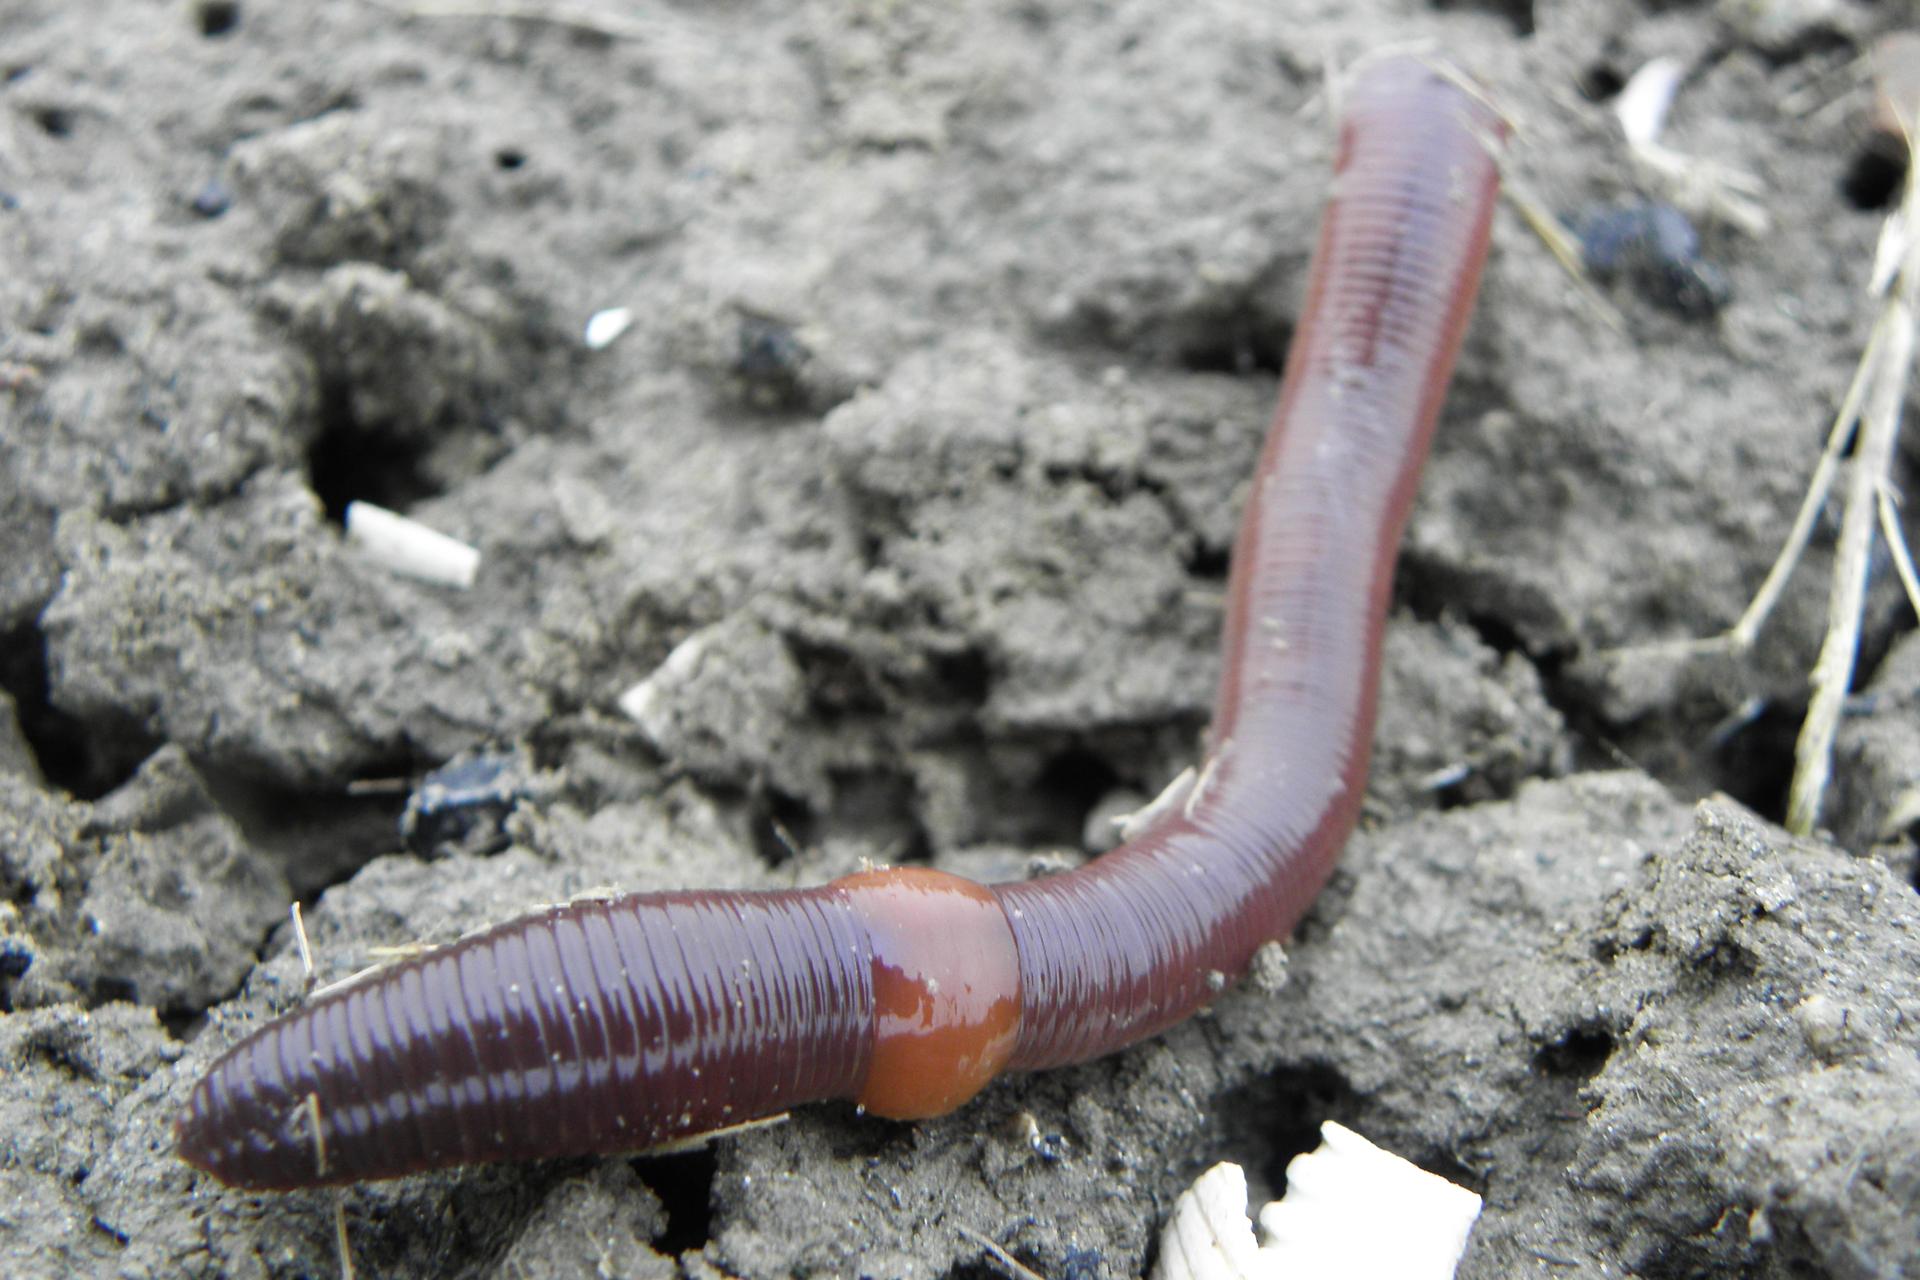 Zdjęcie dżdżownicy. Ciało zwierzęcia jest czerwonobrązowe, długie iwąskie, podzielone na liczne pierścienie